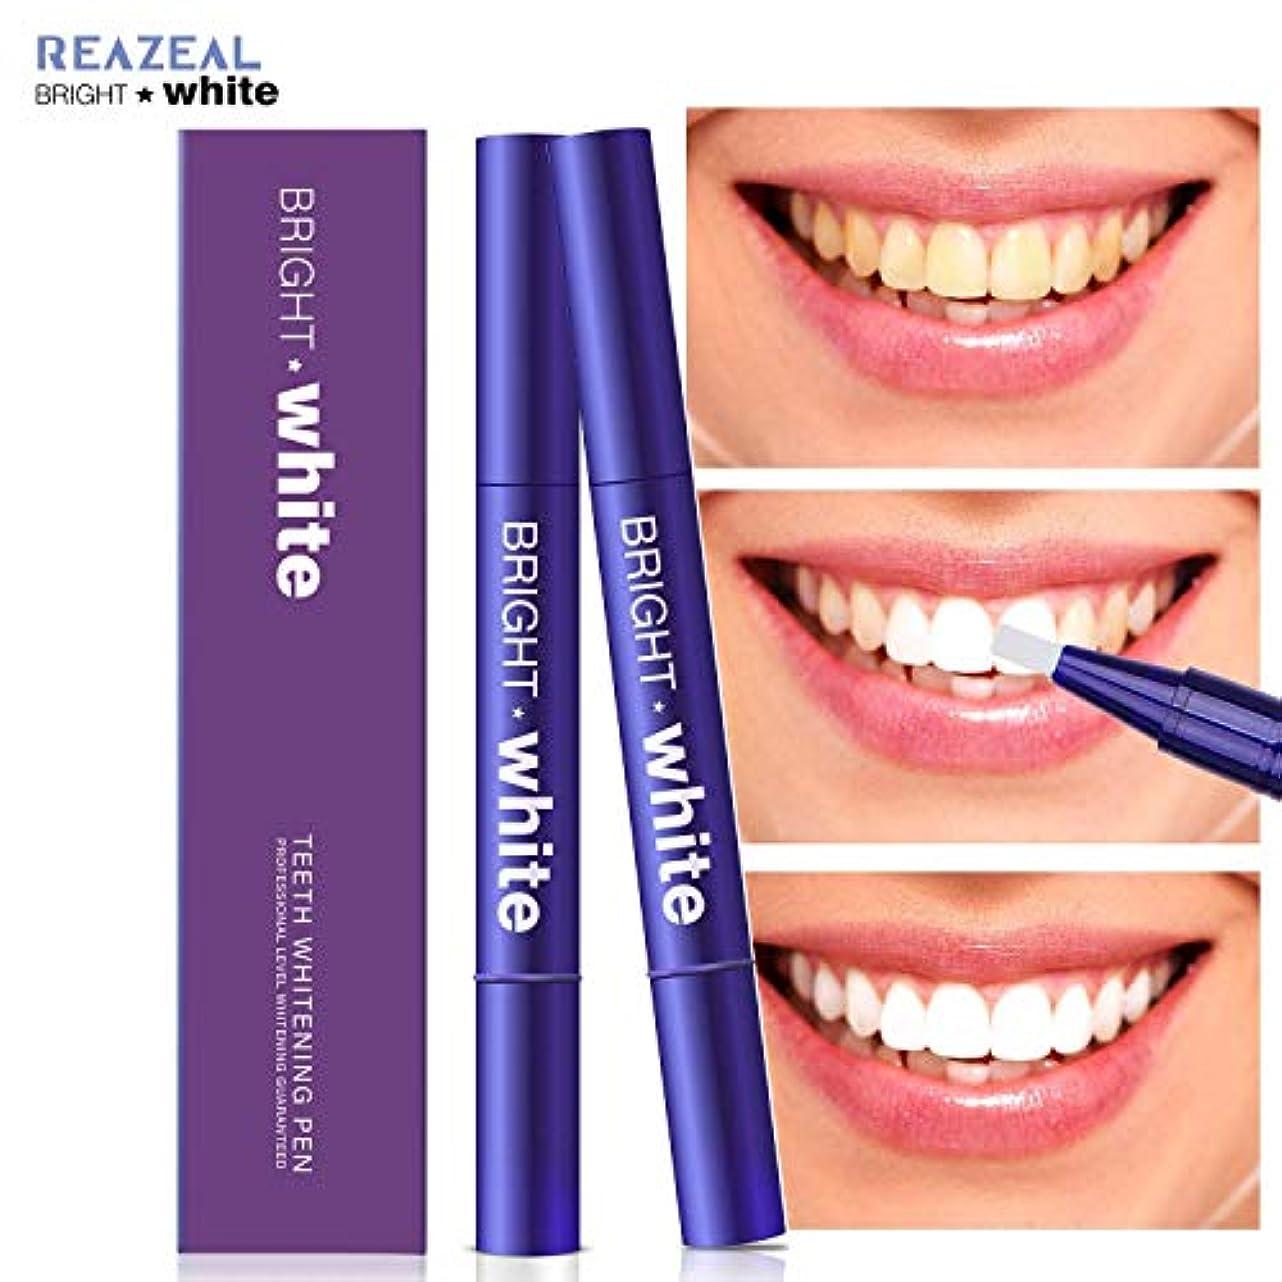 理想的には晩餐アンプ歯 ホワイトニング 歯磨き粉 ホワイトニング 歯 ホワイトニングペン ホワイトニングペン 歯ブラシ 輝く笑顔 口臭防止 一週間のホワイティング - 2個